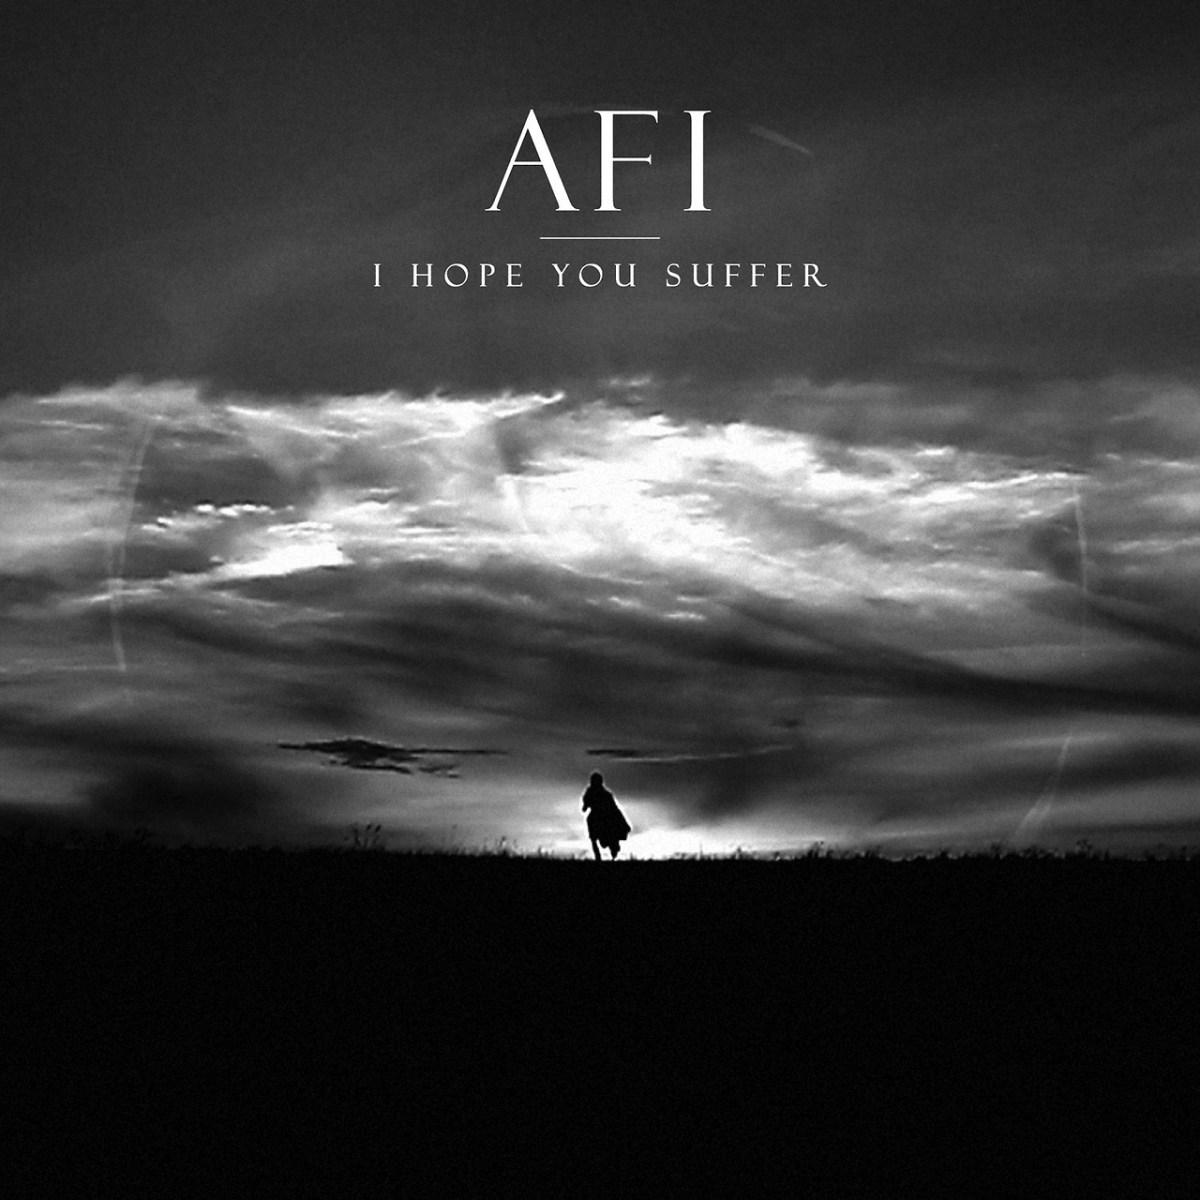 afi-i-hope-you-suffer